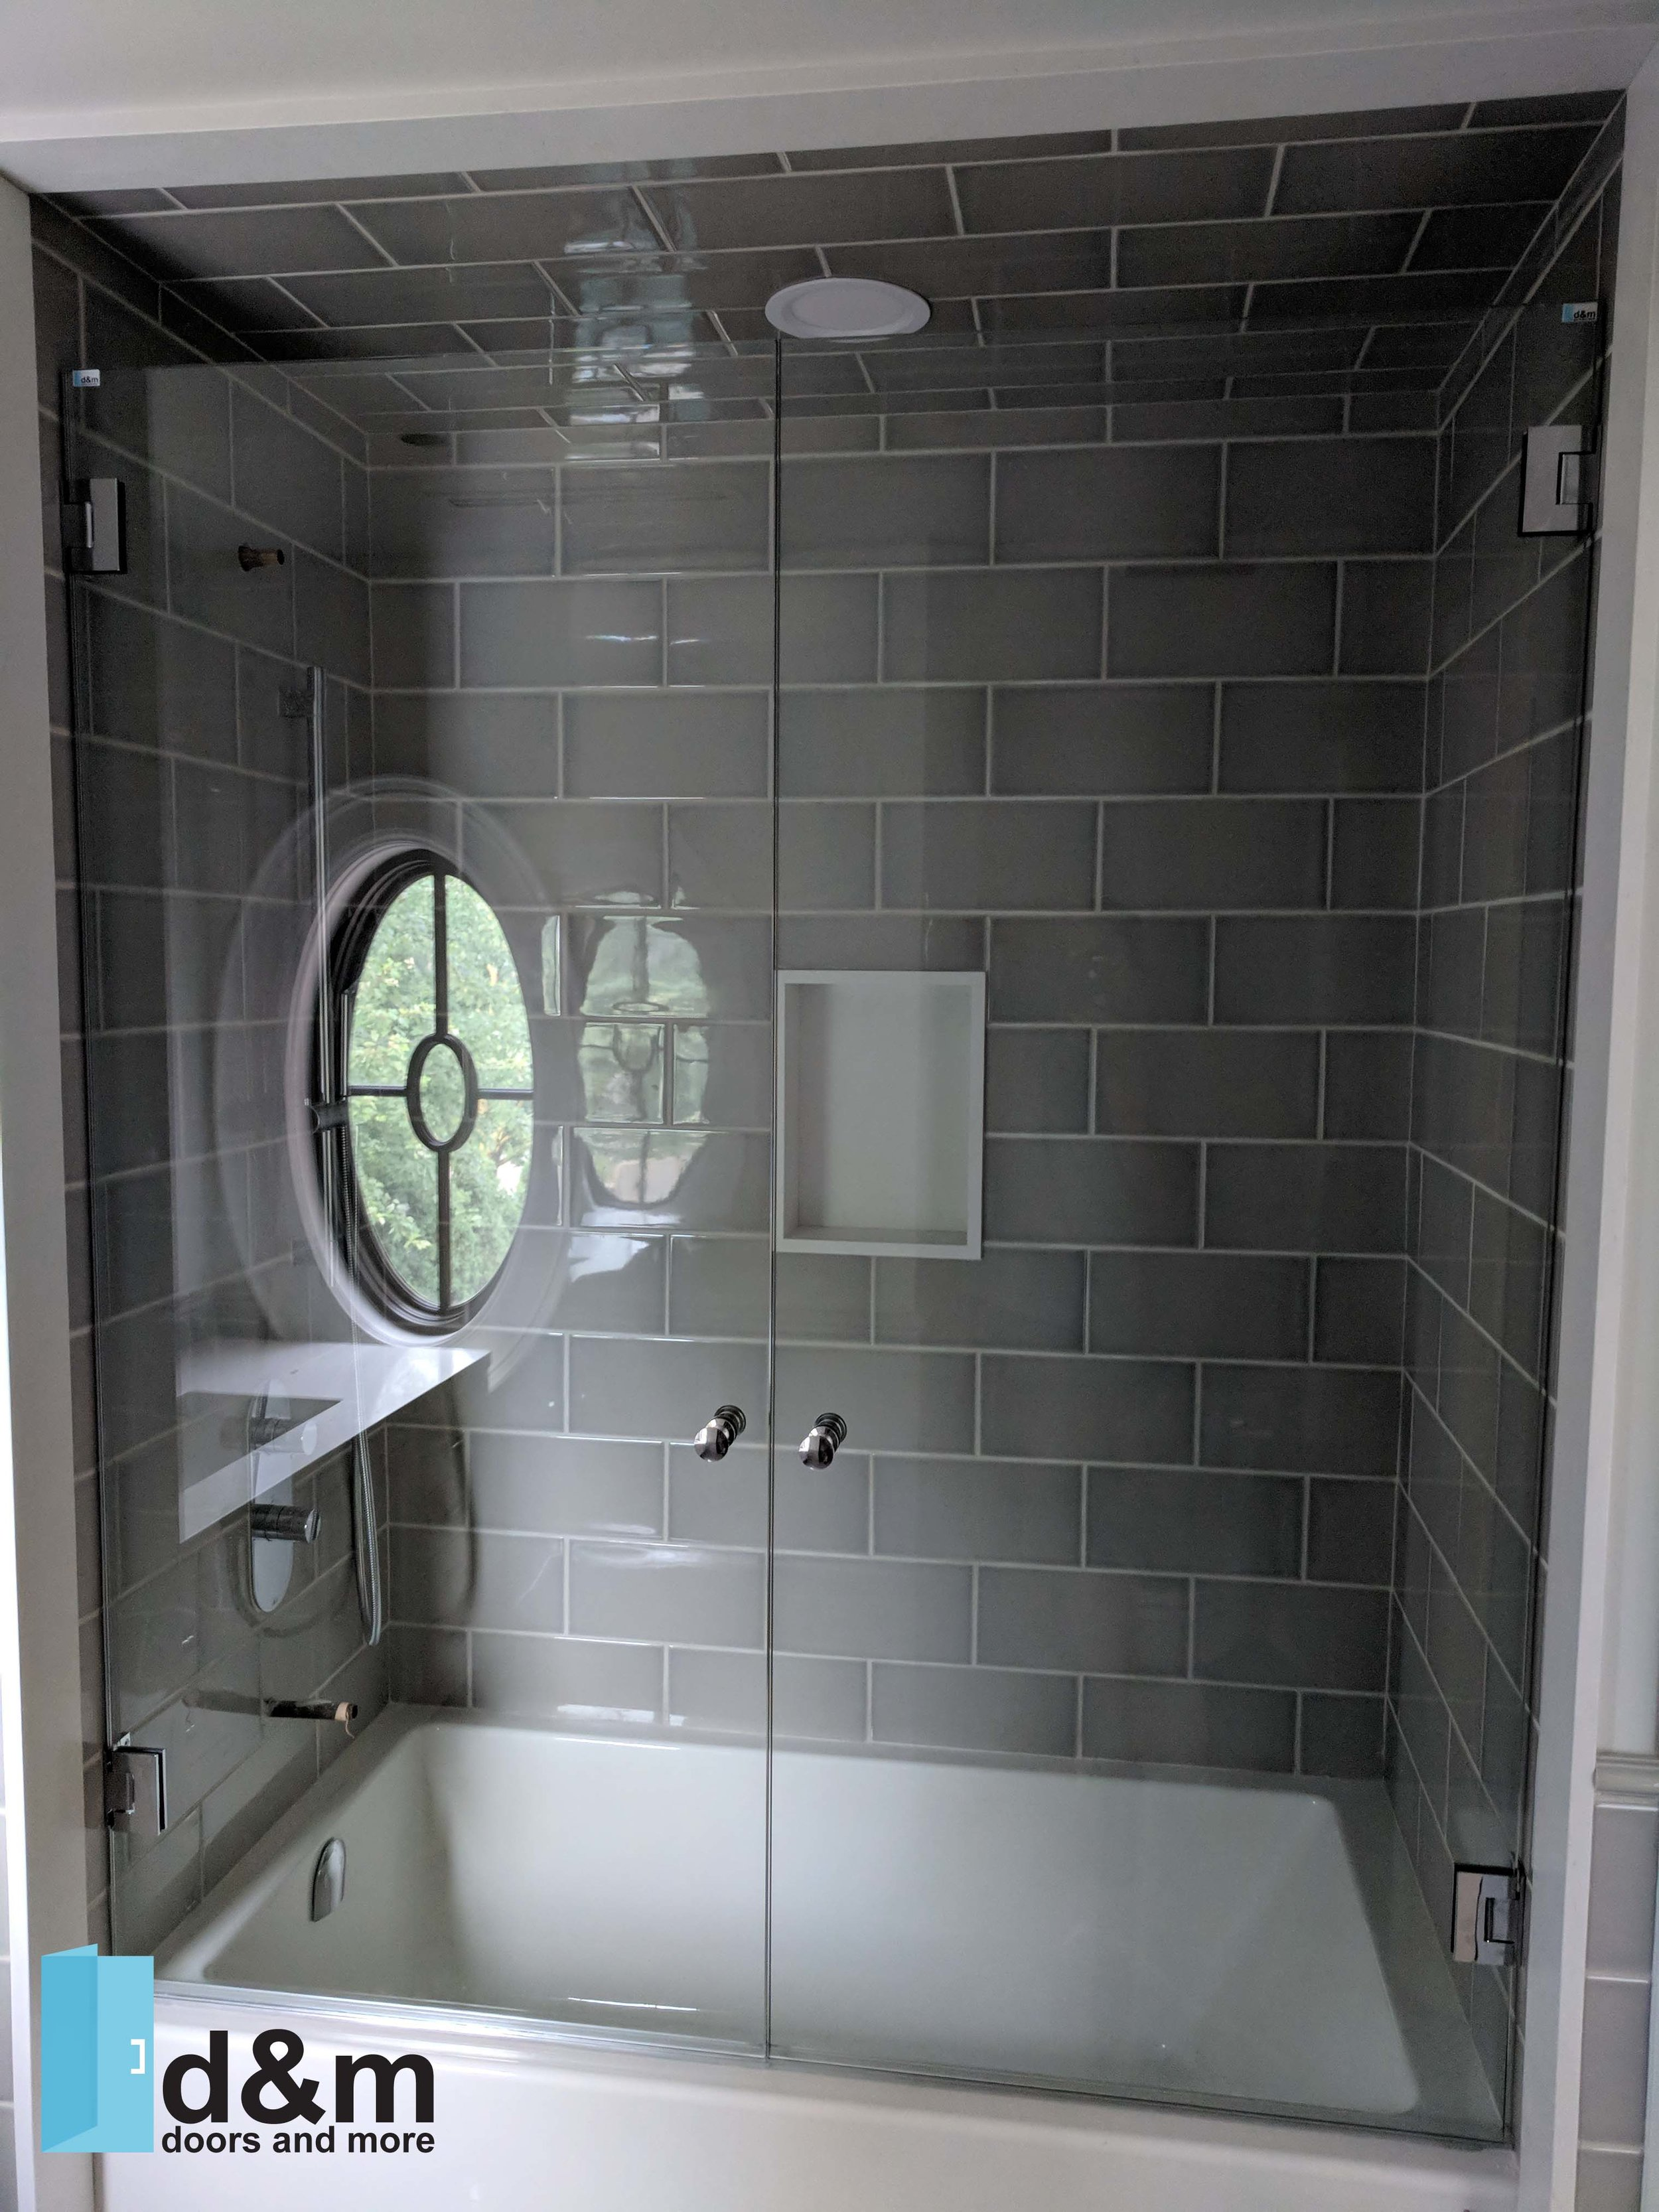 Phil - Inline - Two doors on tub - August 16-18 copy.jpg